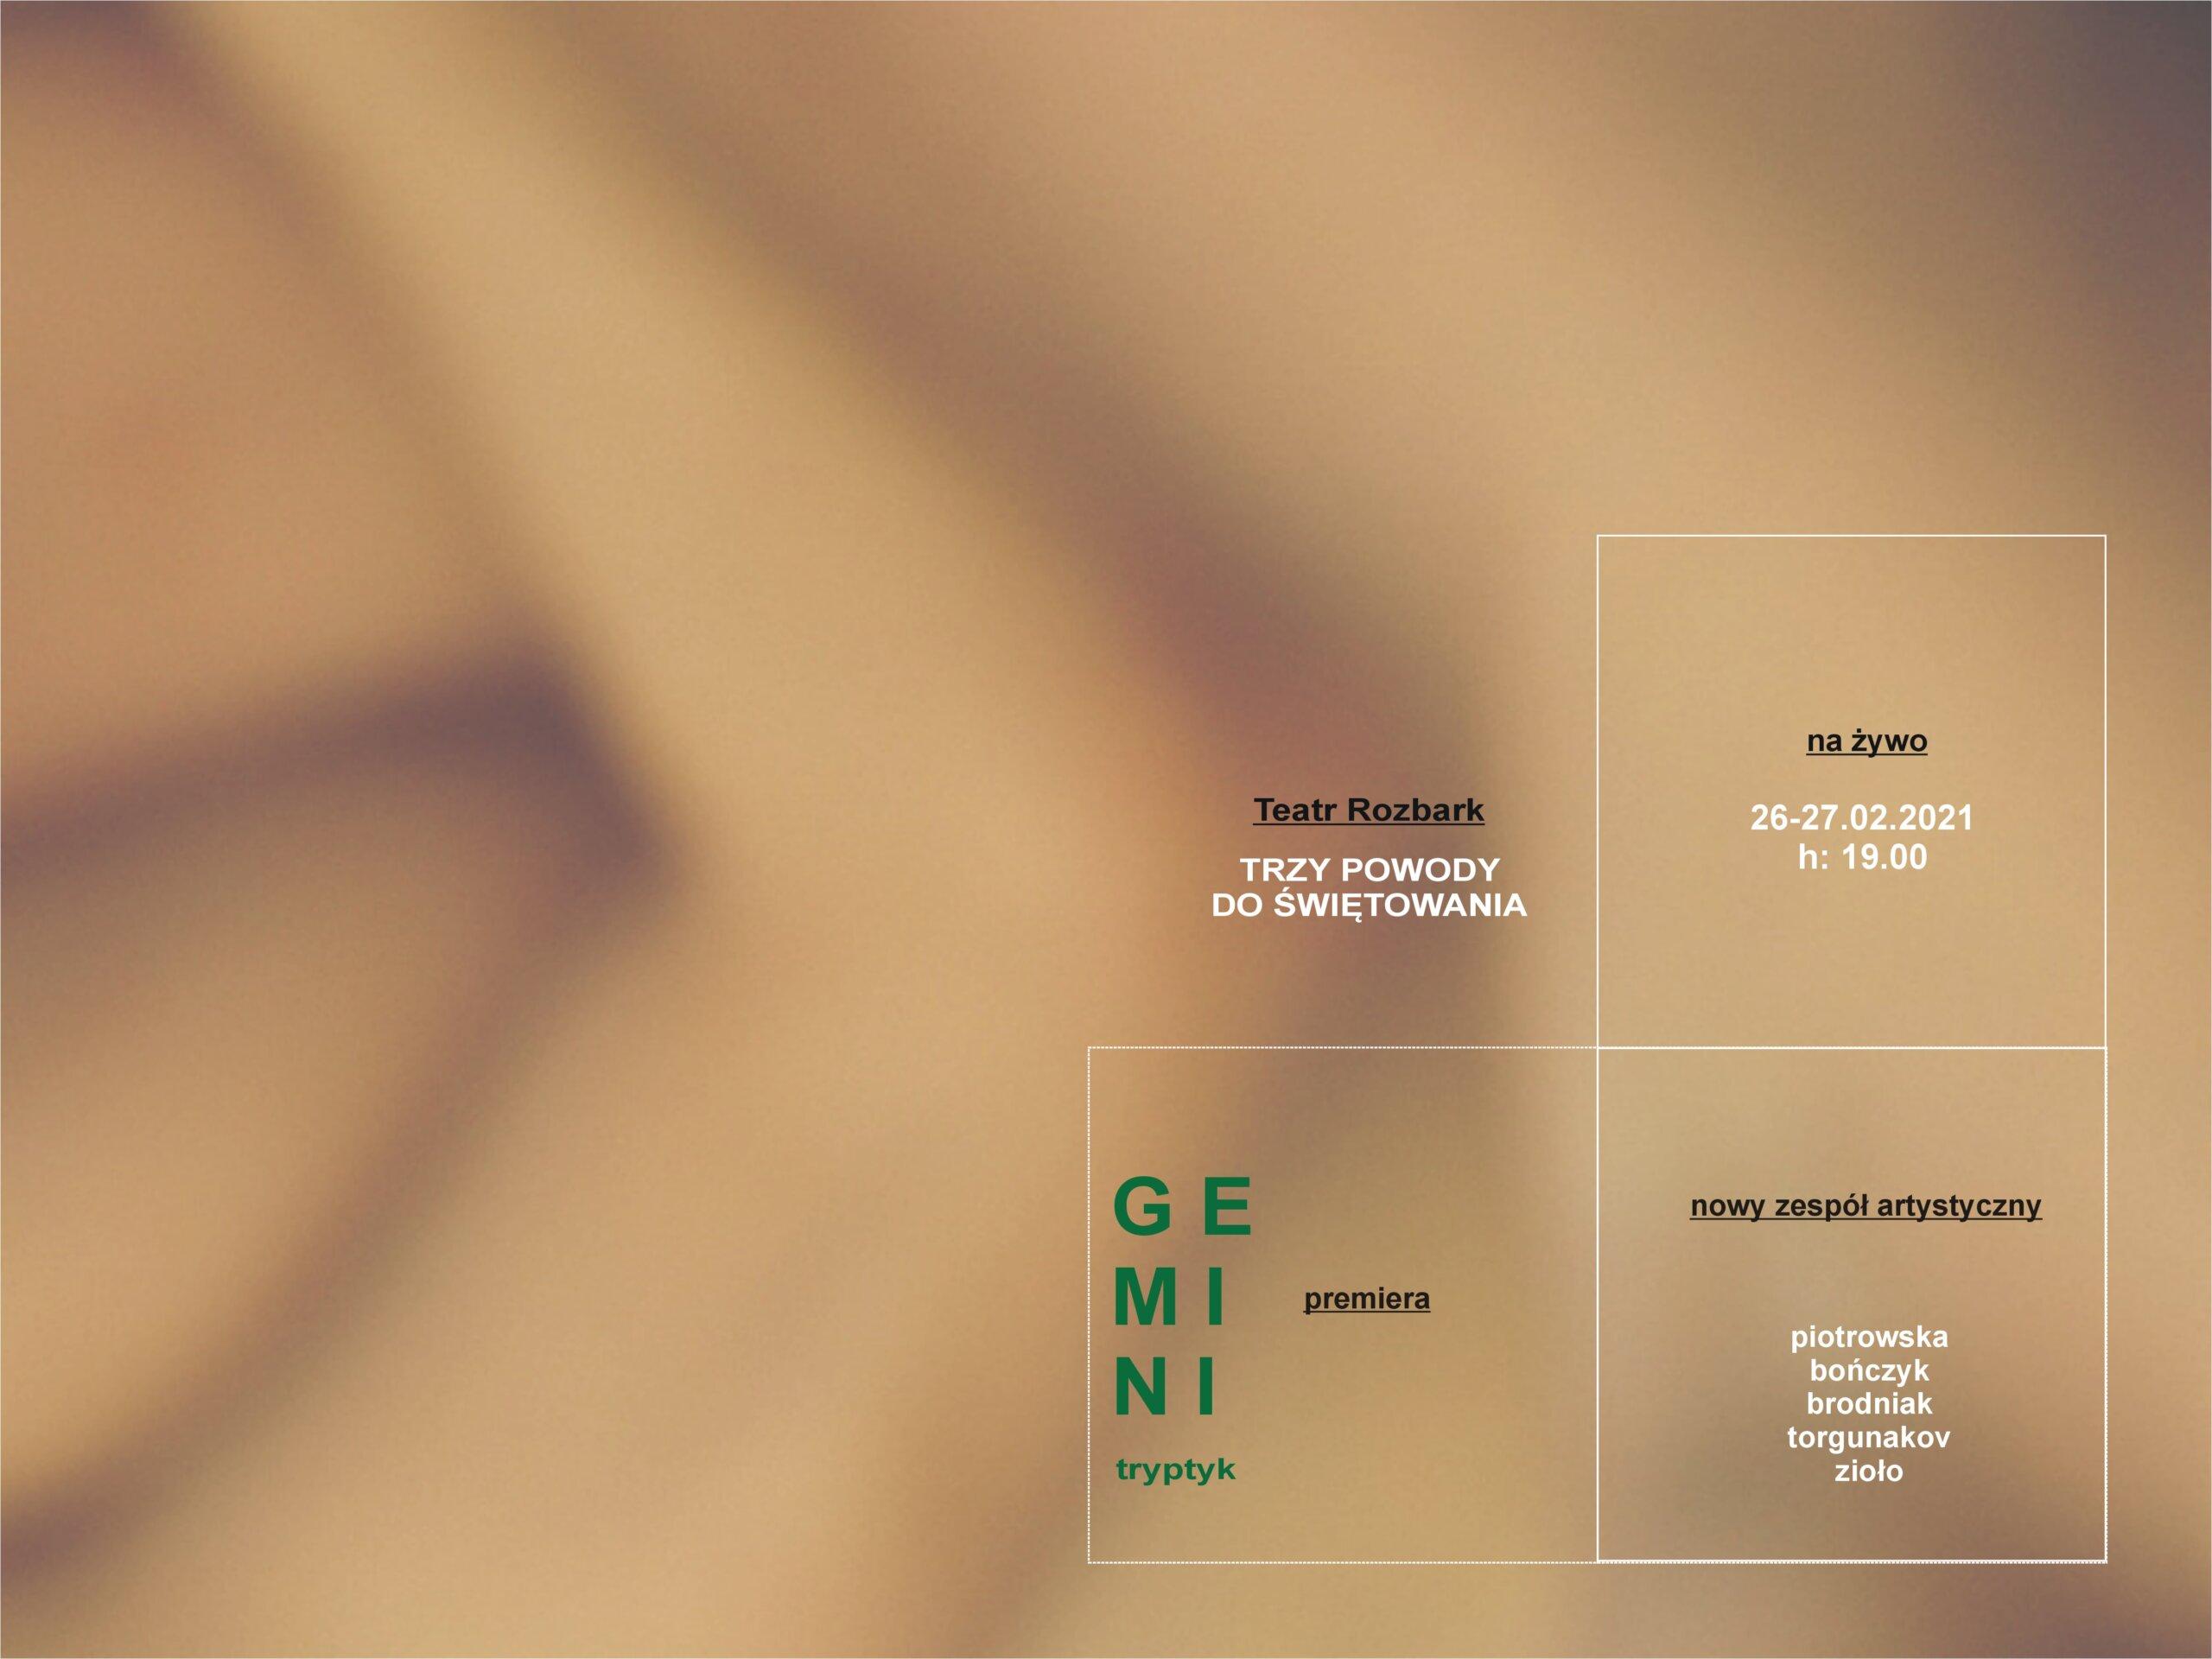 Plakat do spektaklu Gemini, w kolrach cielistych, zamazane tło. W prawym dolnym rogu napis Teatr Rozbark trzy powody do świętowania. Pod nim w kwadreacie zielony napis Gemini tryptyk, premiera.Obok w kwadratach napisy: na żywo 26-27.02.2021 h: 19.00 oraz napis nowy zespół artystyczny piotrowska bończyk brodniak torgunakov zioło.